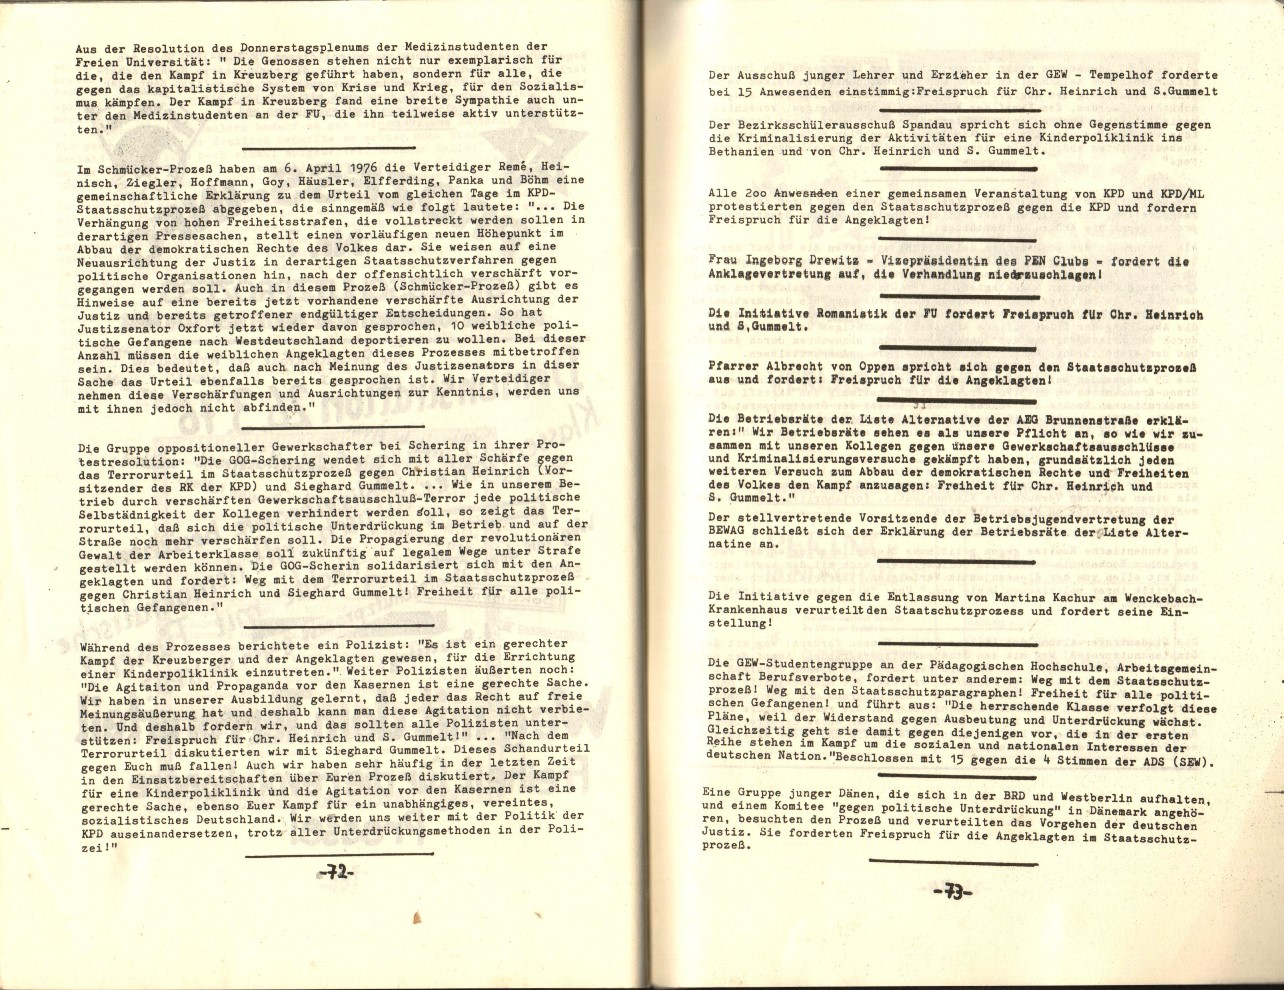 Berlin_KPD_1976_Staatsschutzprozess02_38